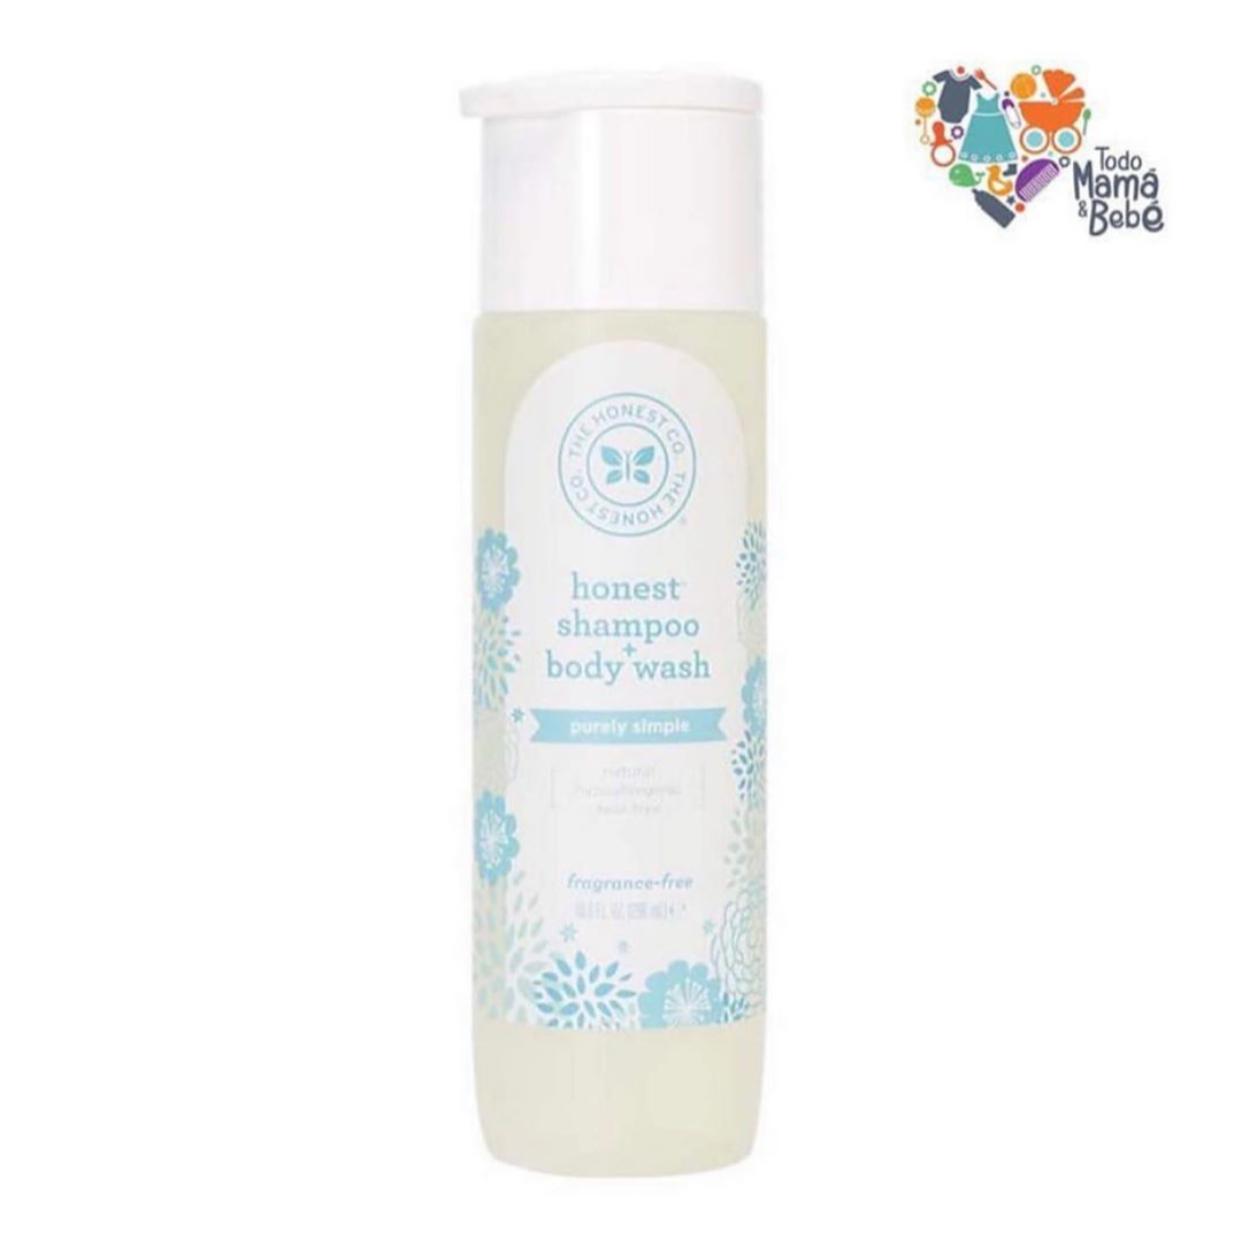 Shampoo para cabello y cuerpo sin fragancia